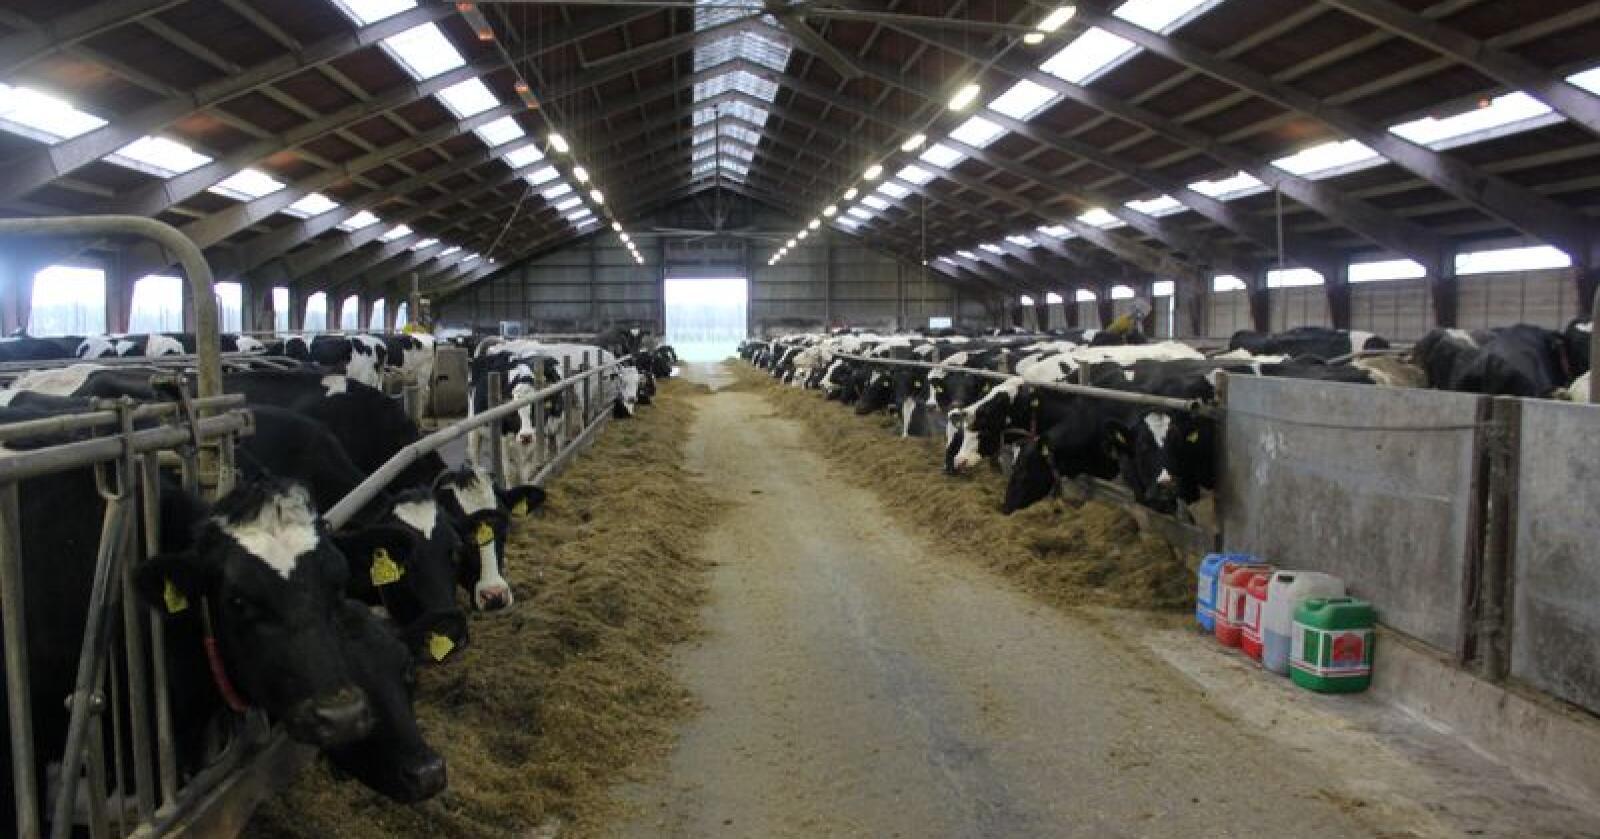 Arla-bønder som gjennomfører en årlig klimasjekk vil få 10 øre ekstra for en kilo melk.    Arkivfoto